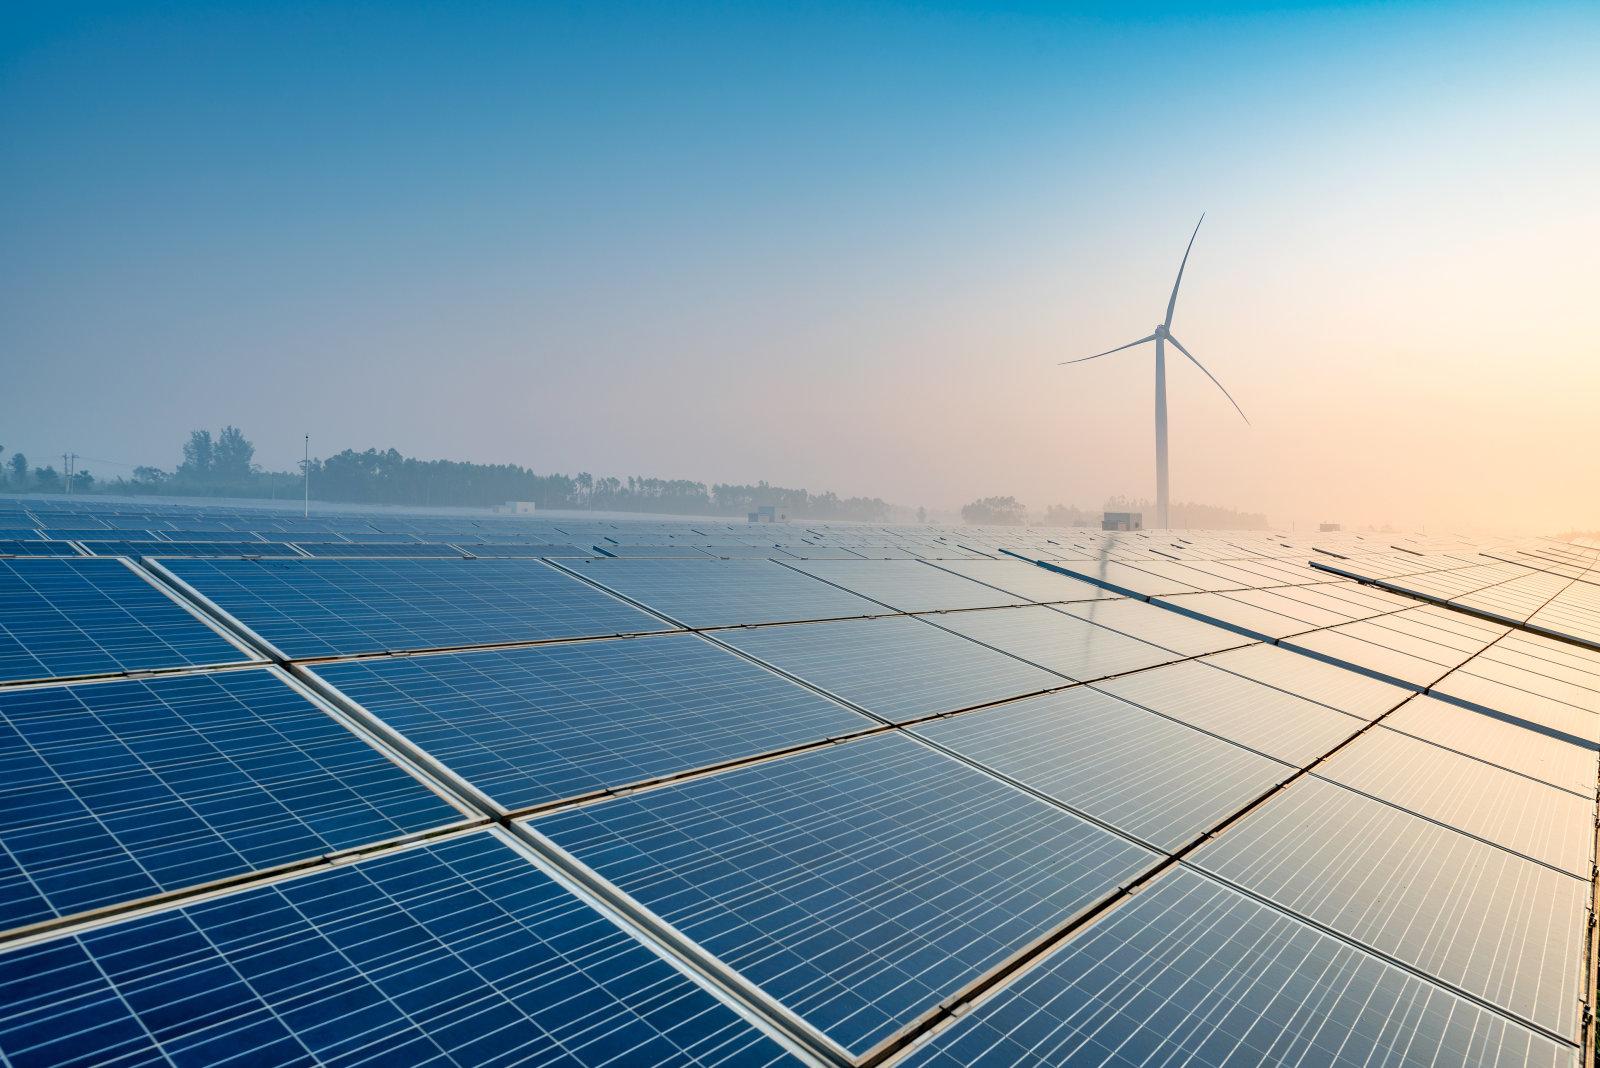 Комплекс солнечных установок - рассвет новой эпохи возобновляемой энергии?